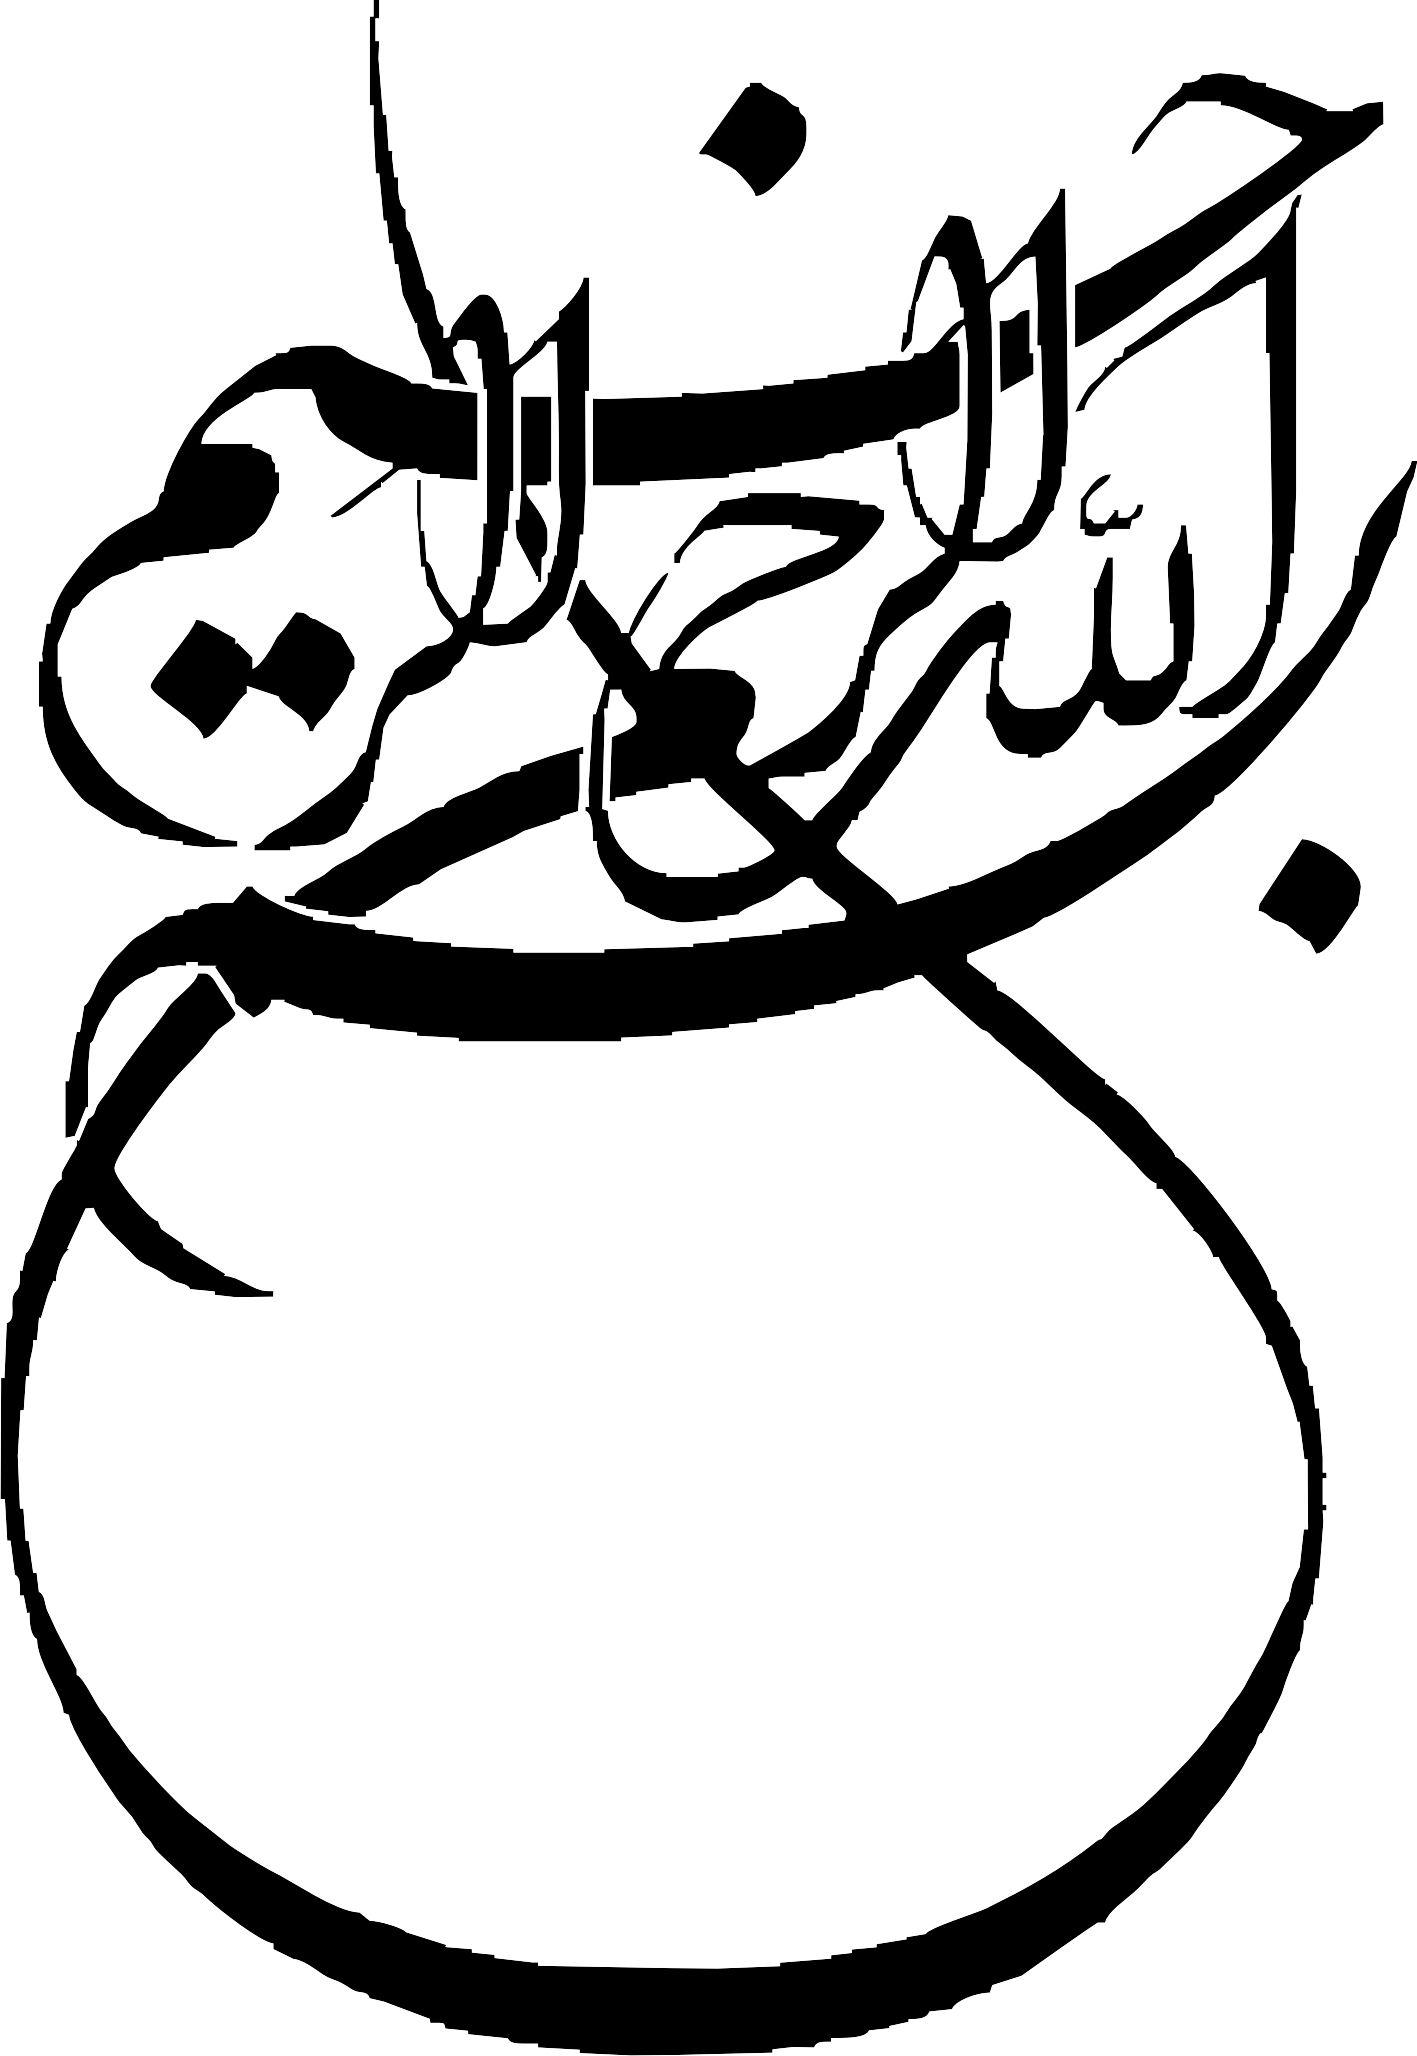 12 - طرح های  بسم الله الرحمن الرحیم برای مقاله و پایان نامه